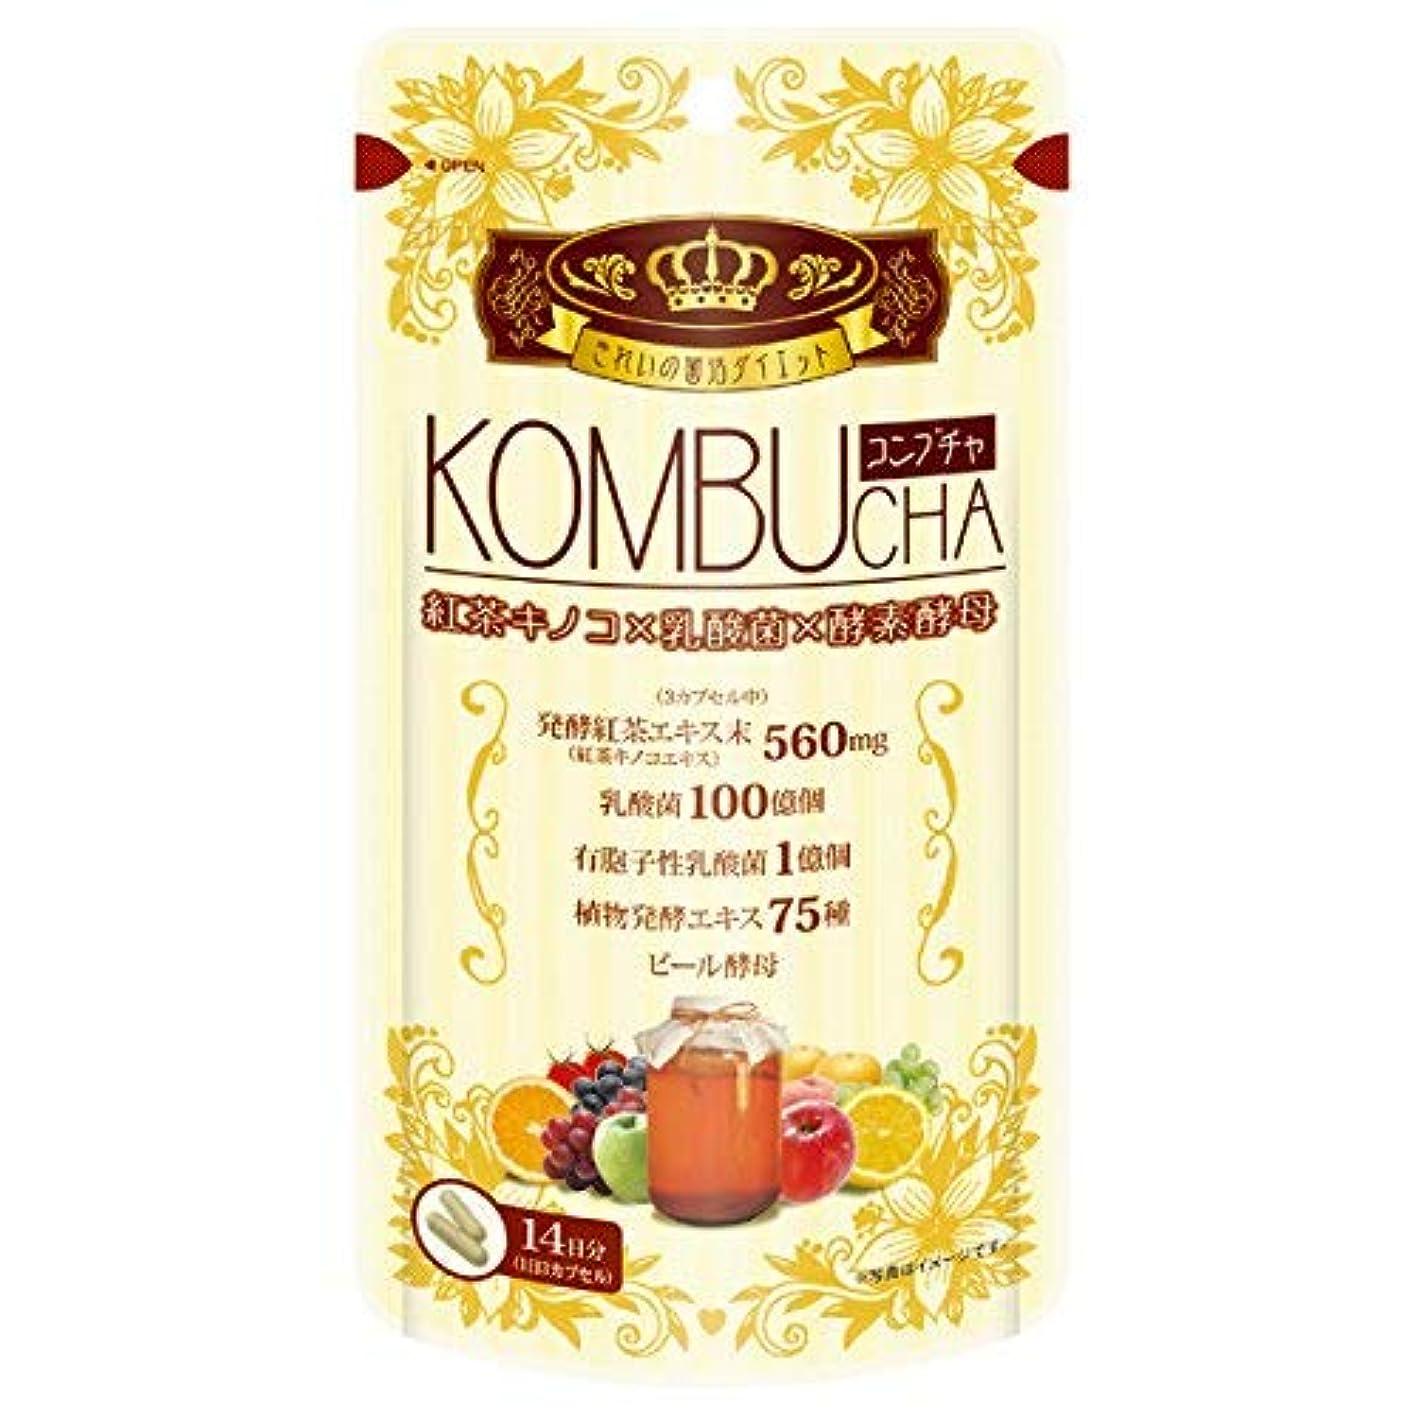 大事にするゴミ箱を空にするしつけユーワ YUWA KOMBUCHA 42粒 コンブチャ(腸活 菌活) 2個セット